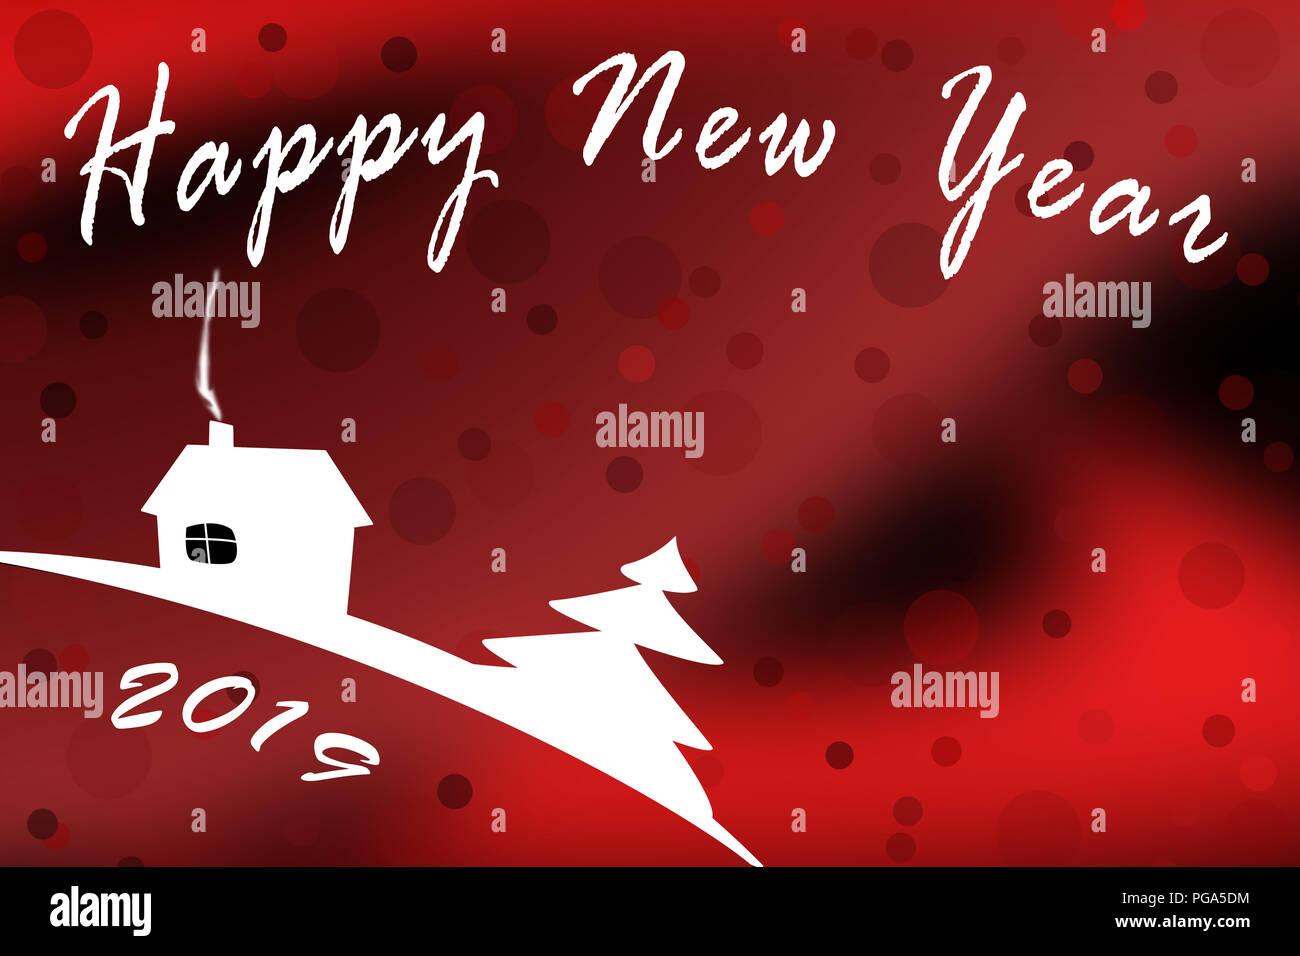 Vorlage für Grüße ein Frohes Neues Jahr 2019 mit einem rot gefärbten ...